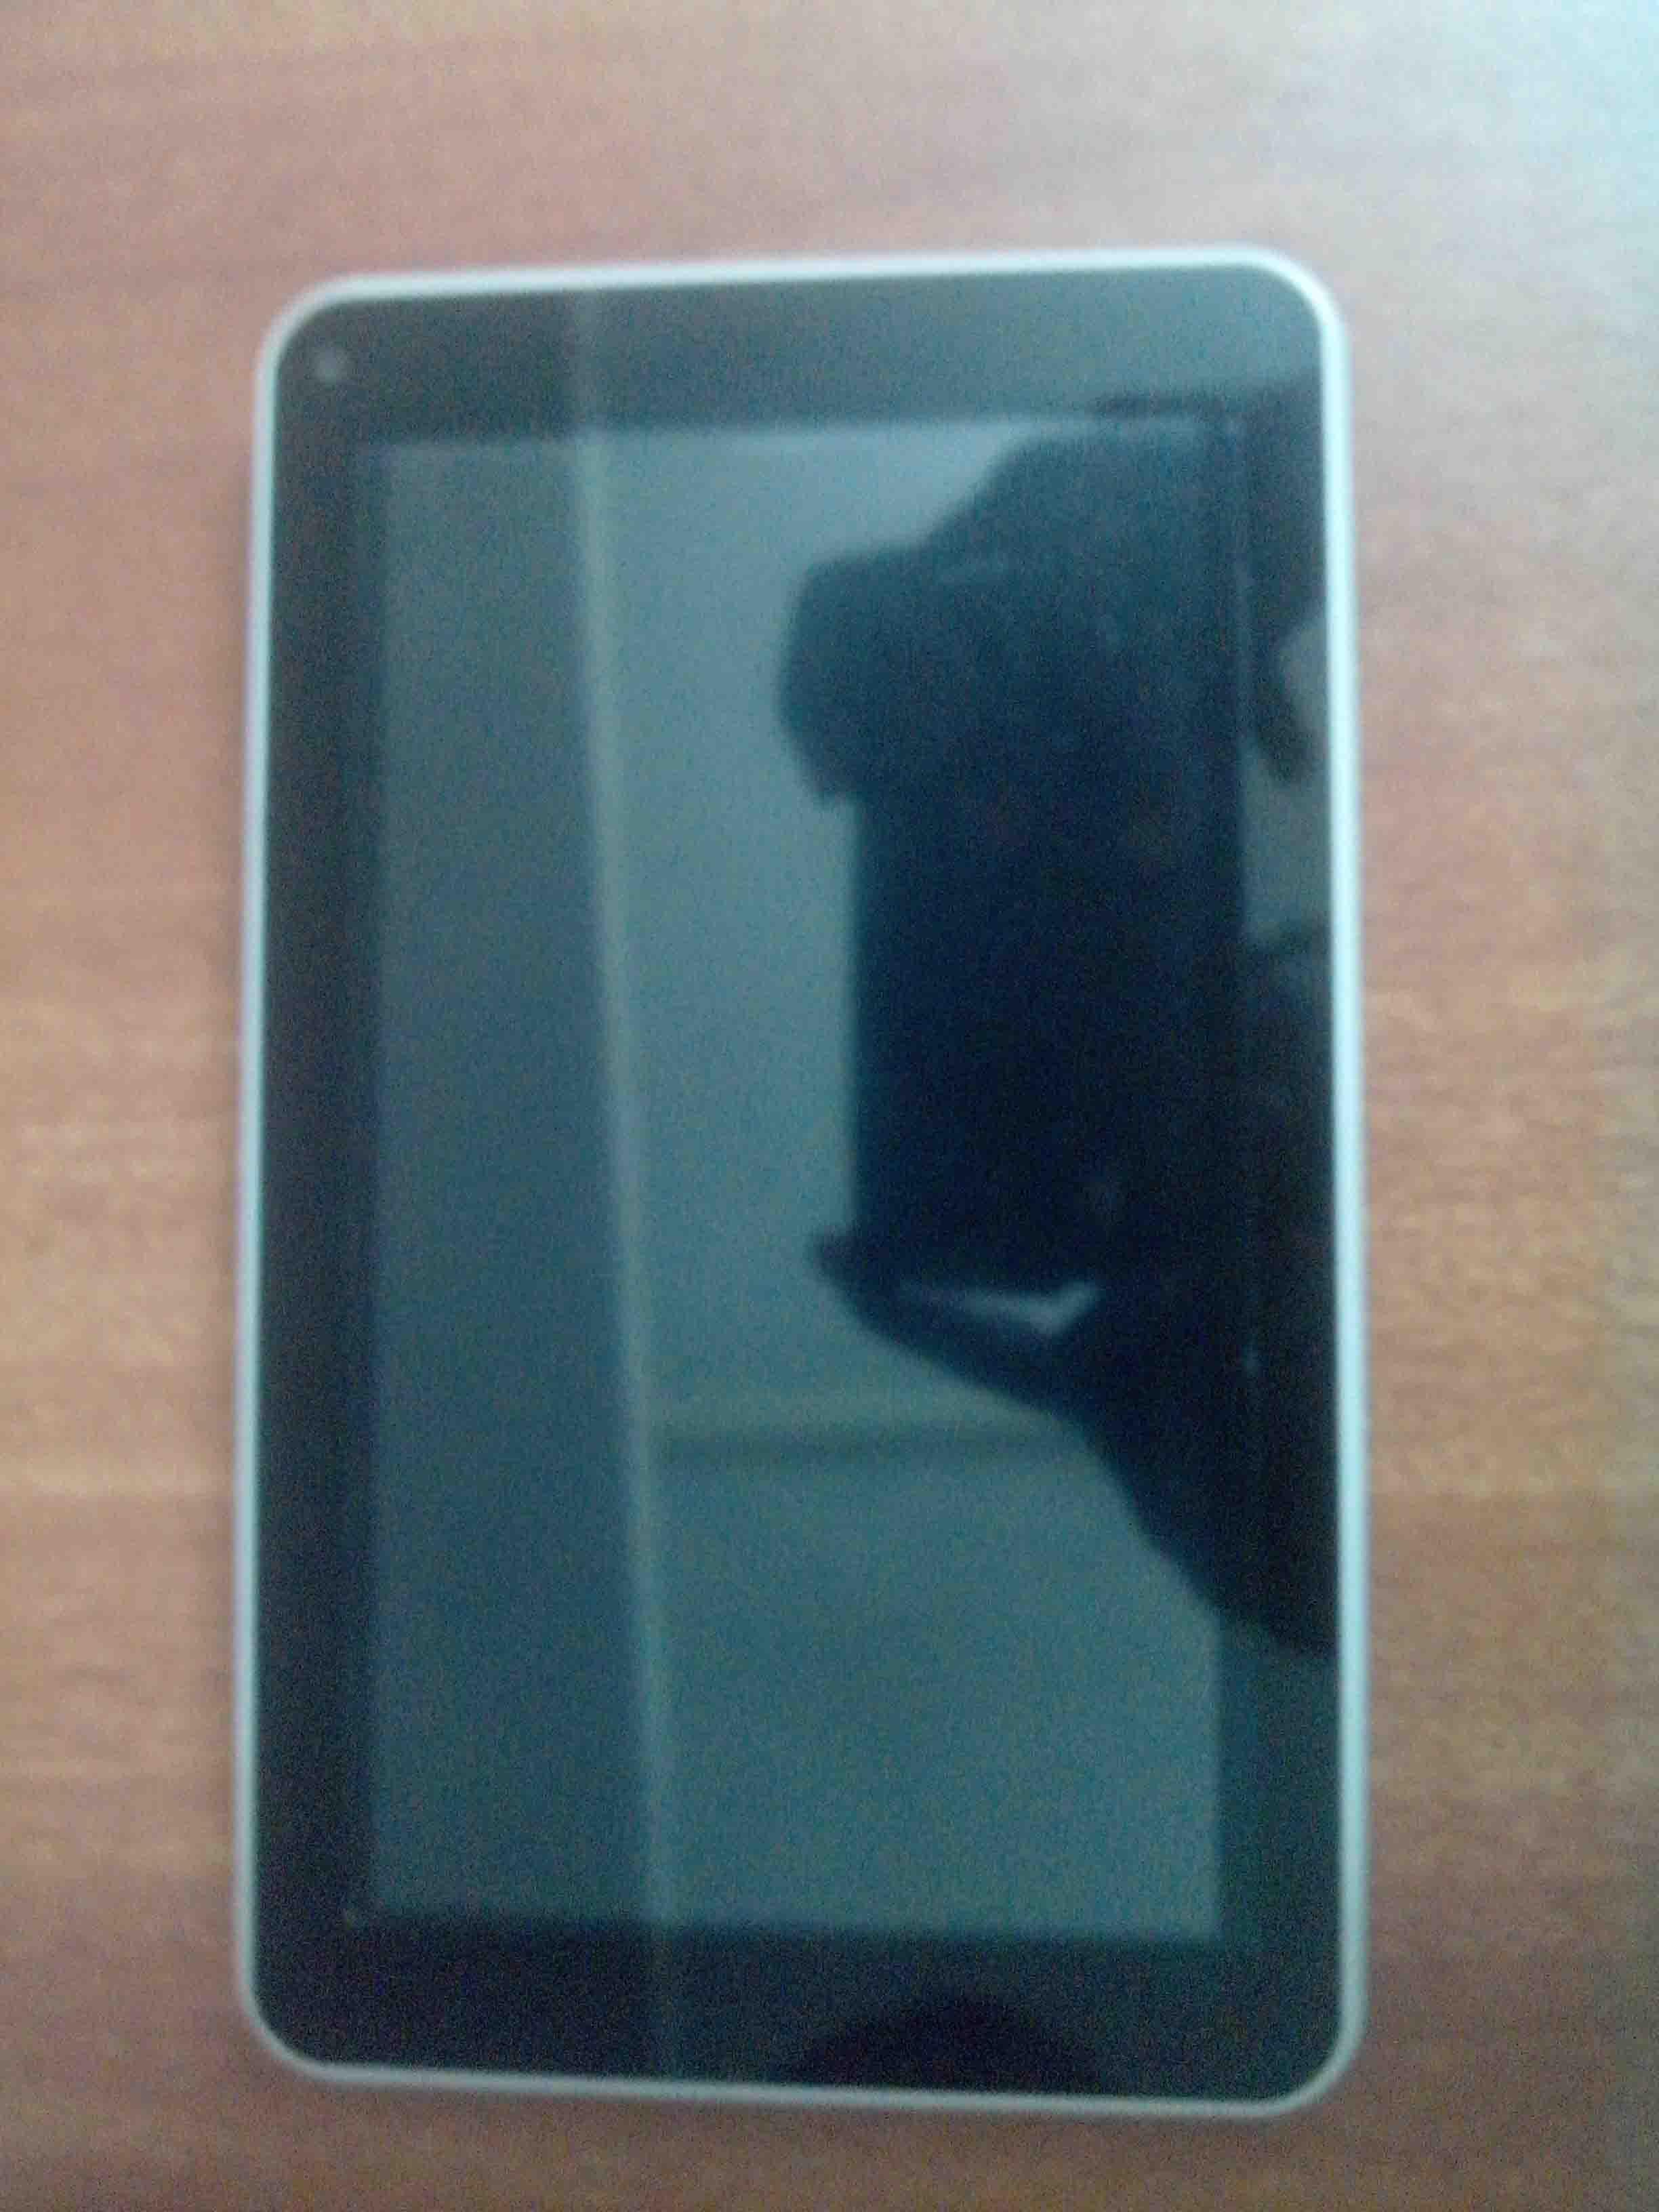 tablet-033-1.jpg